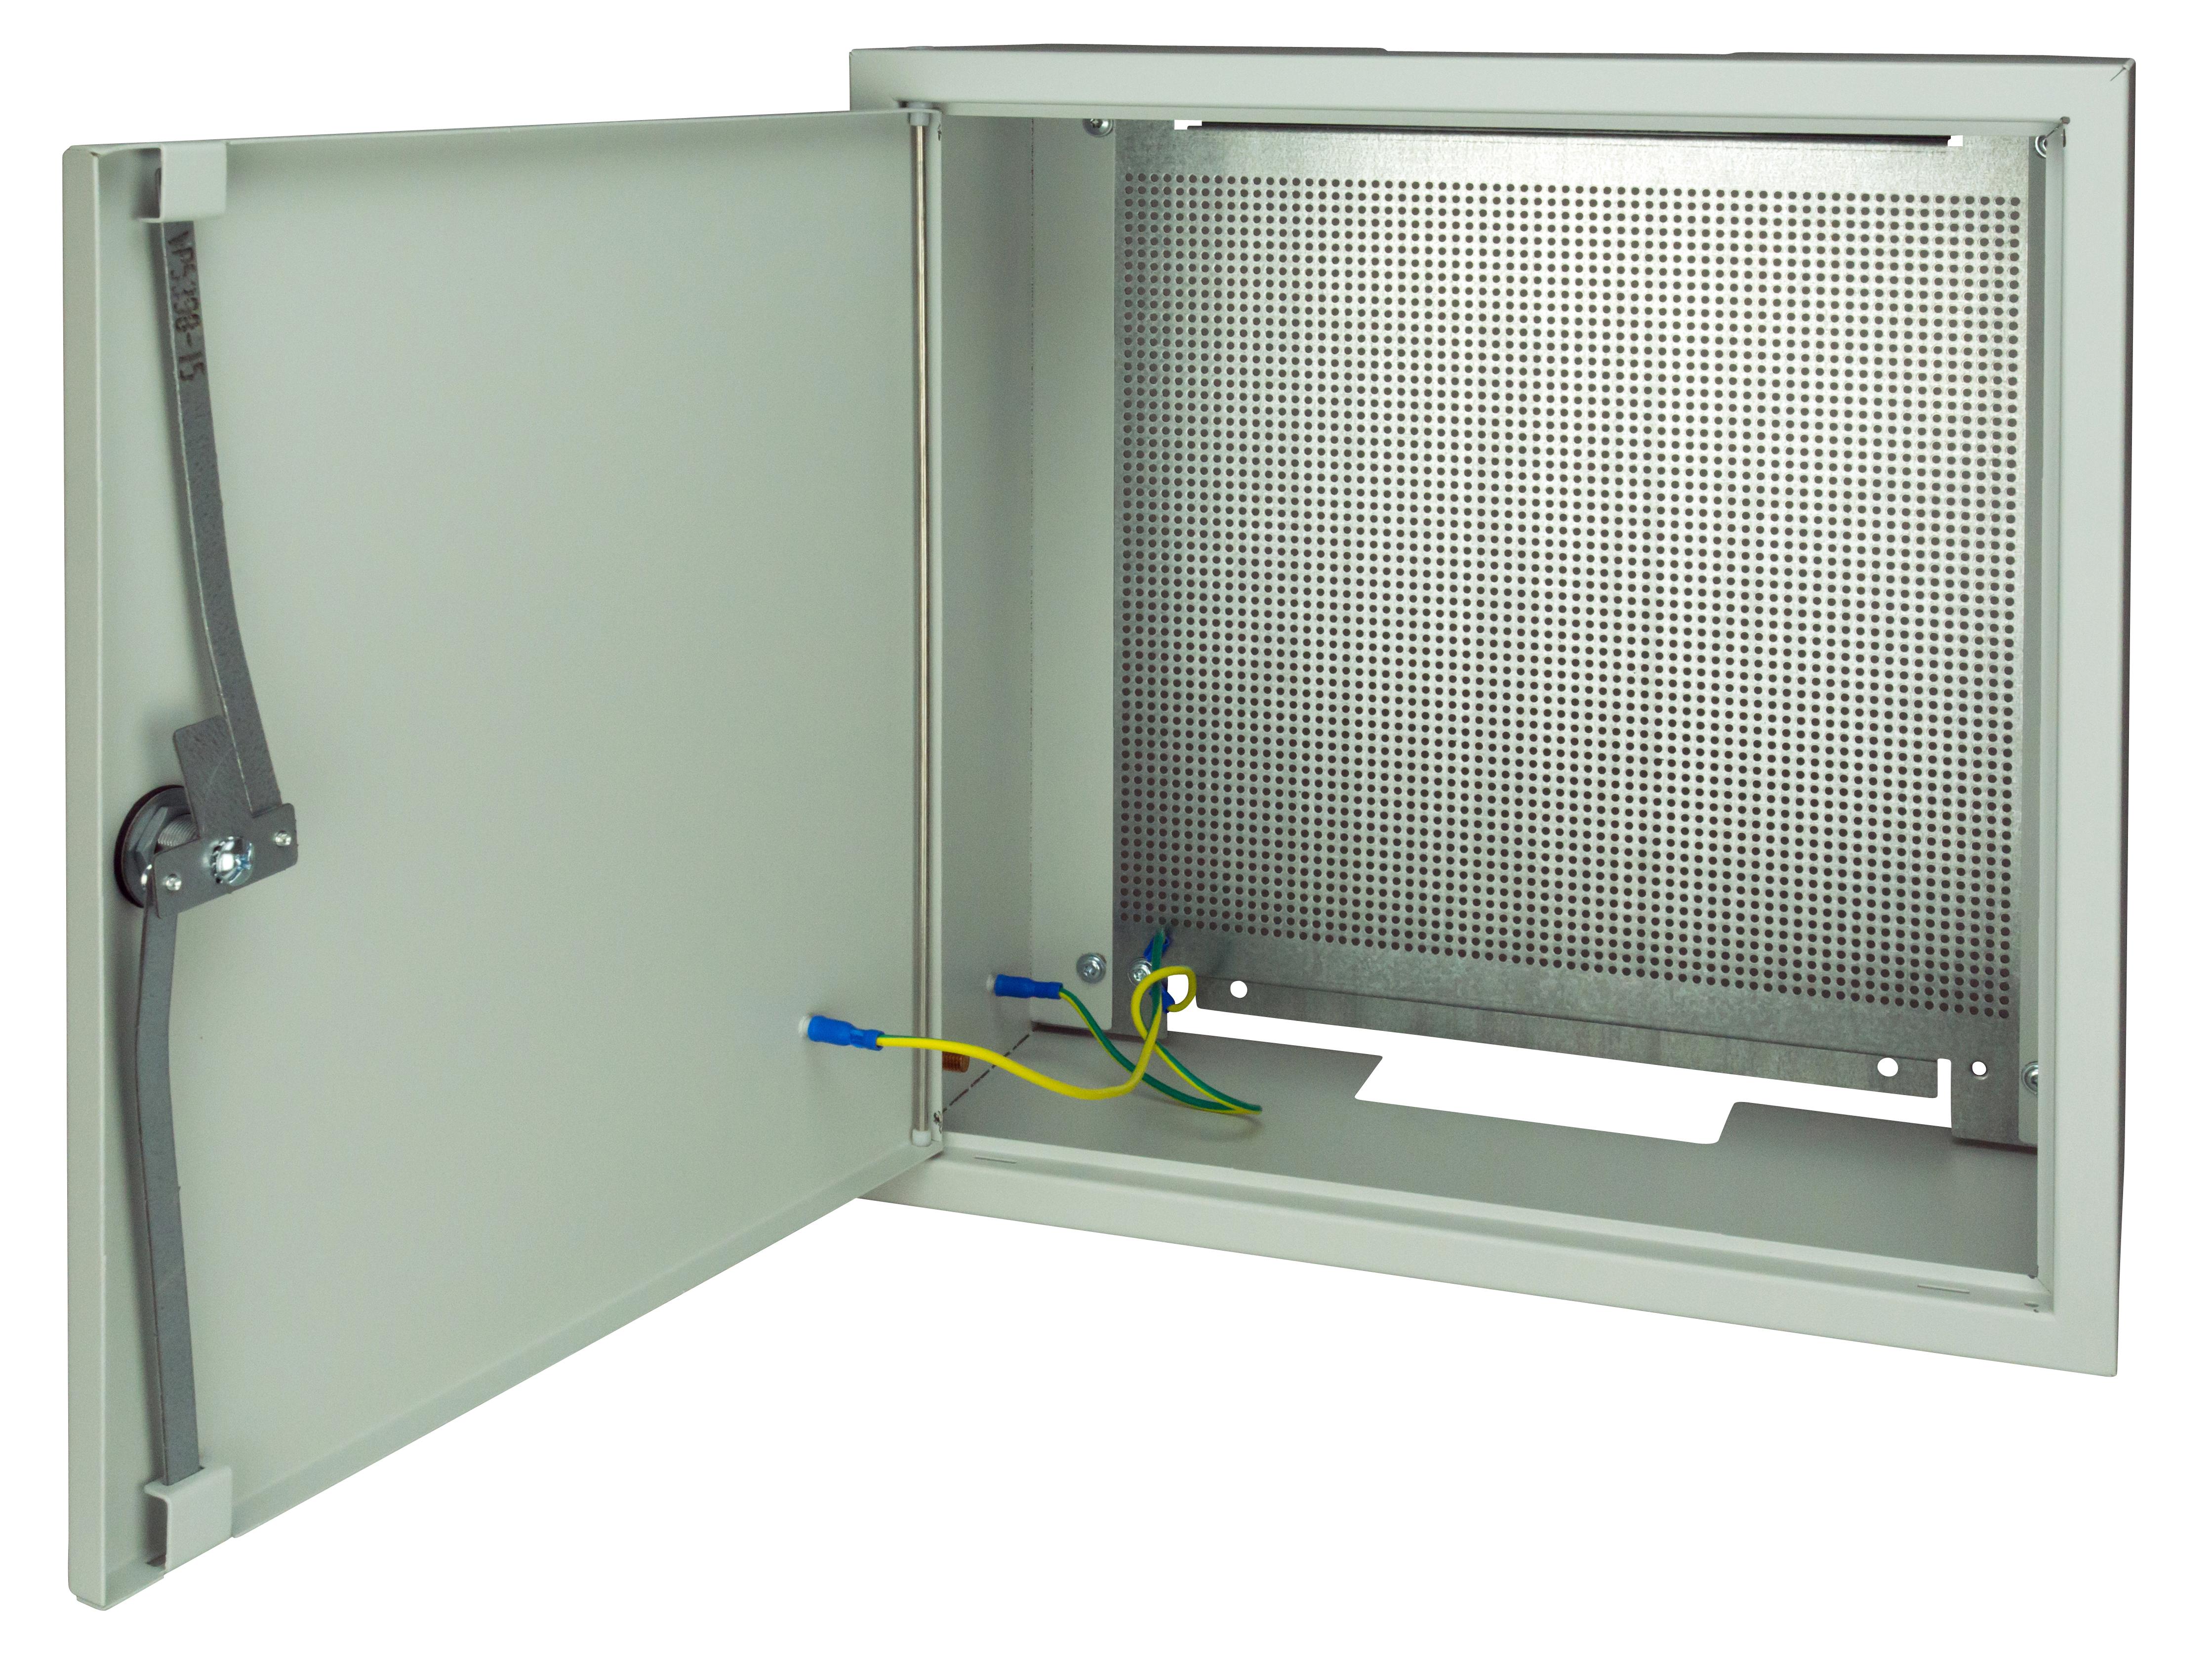 1 Stk SAT Gehäuse Stahl, Loch-Montageplatte,3-Punkt,B400xH400xT200 HSATG442M-